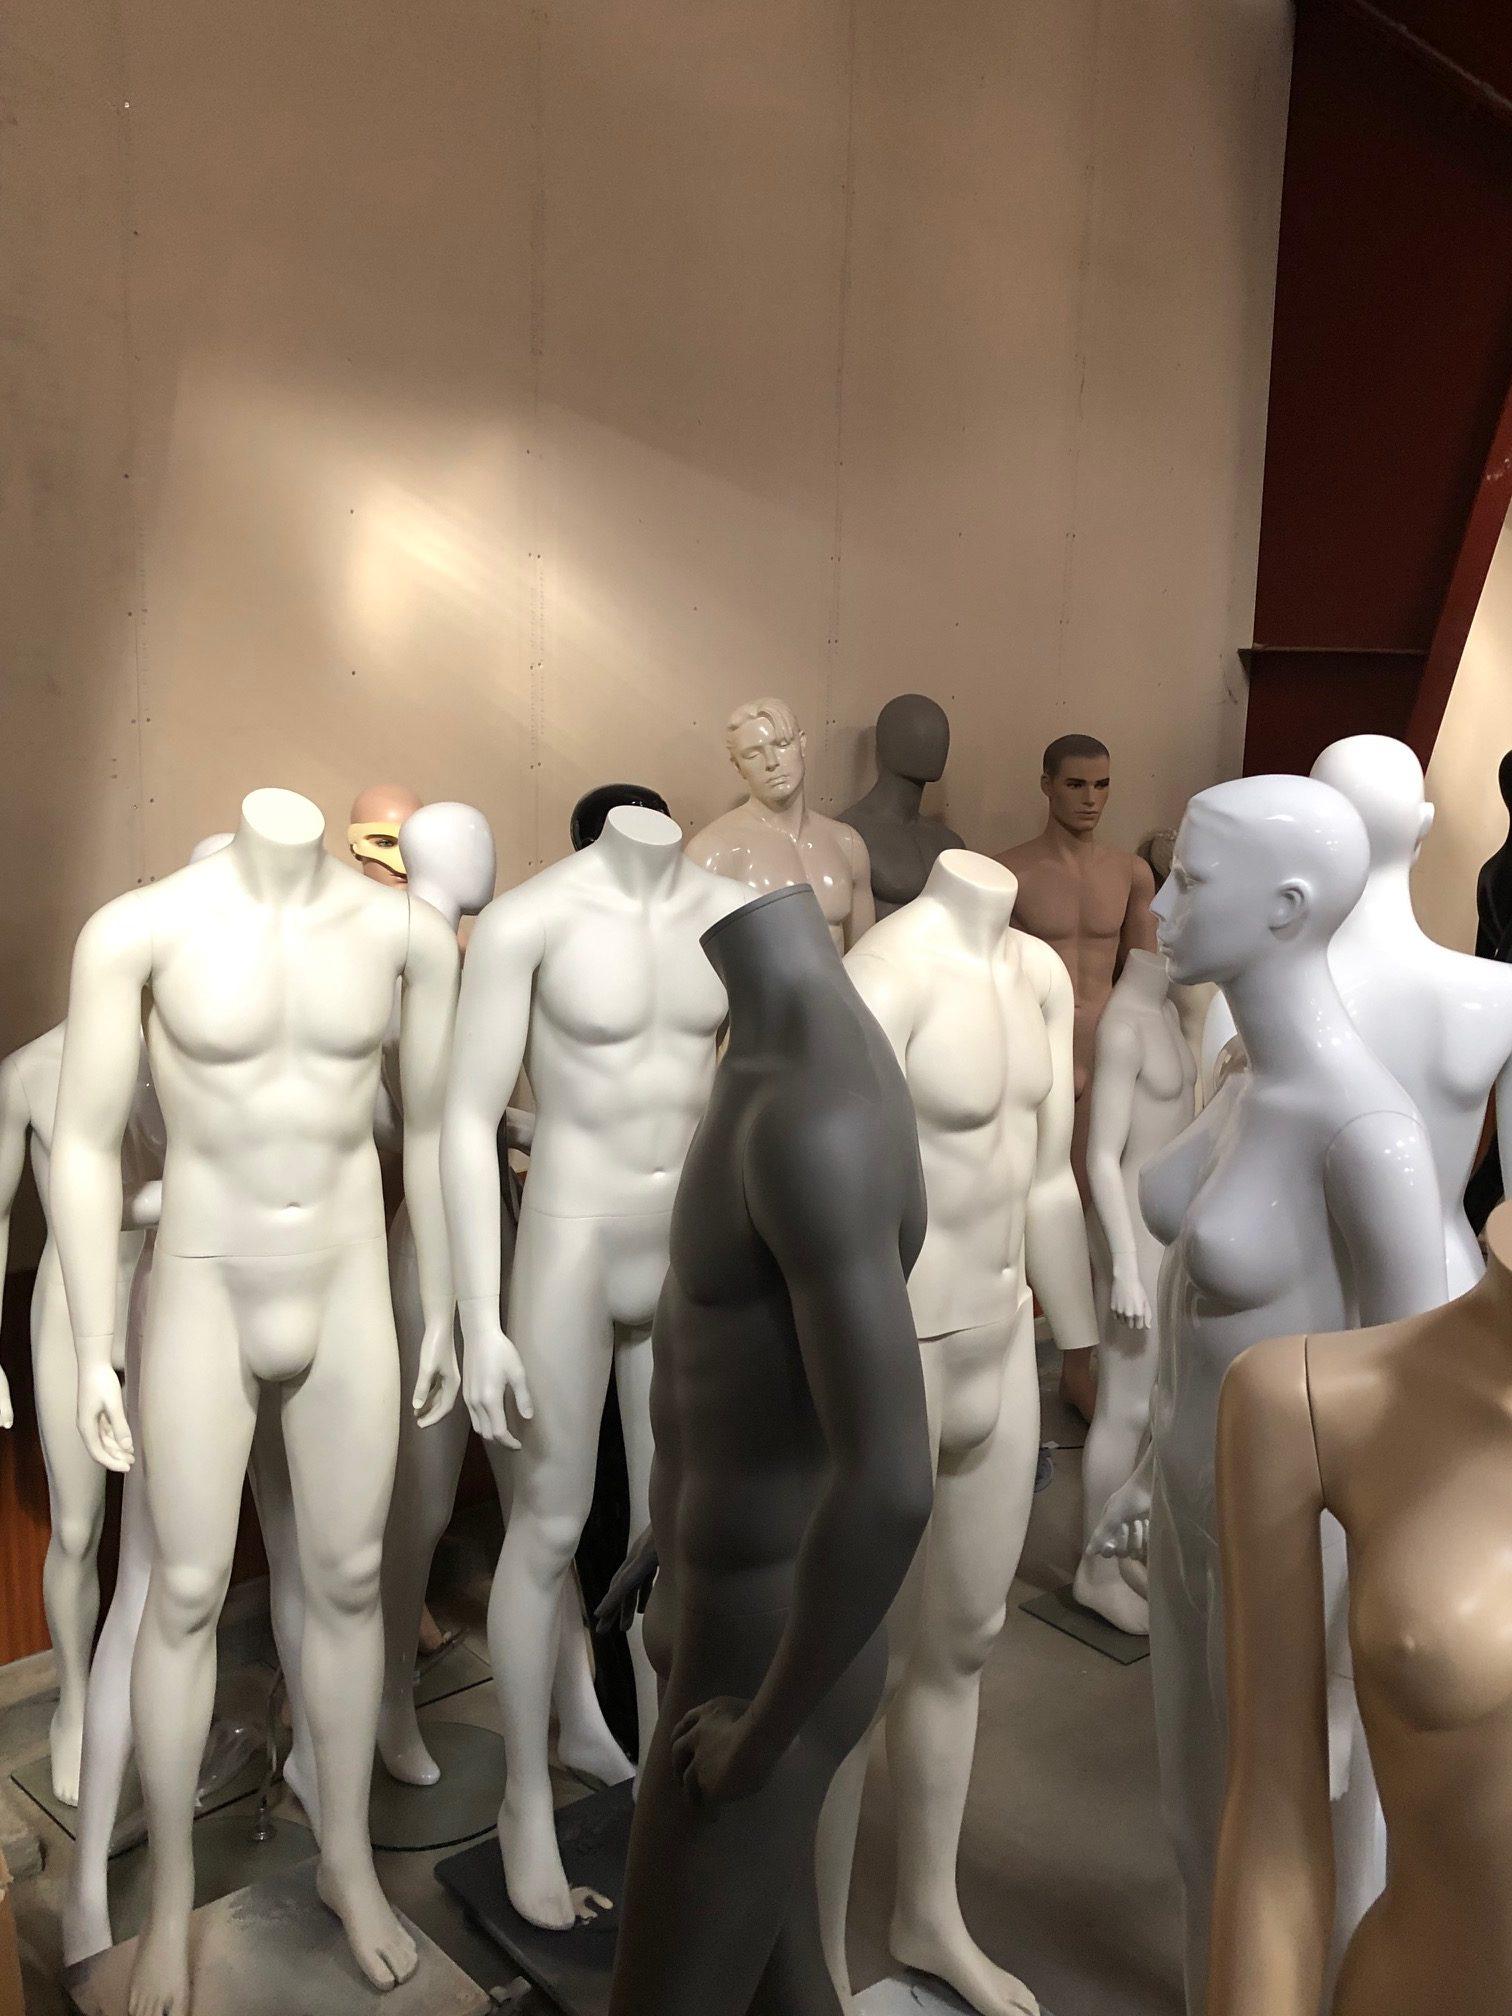 Rent a mannequin in Denmark